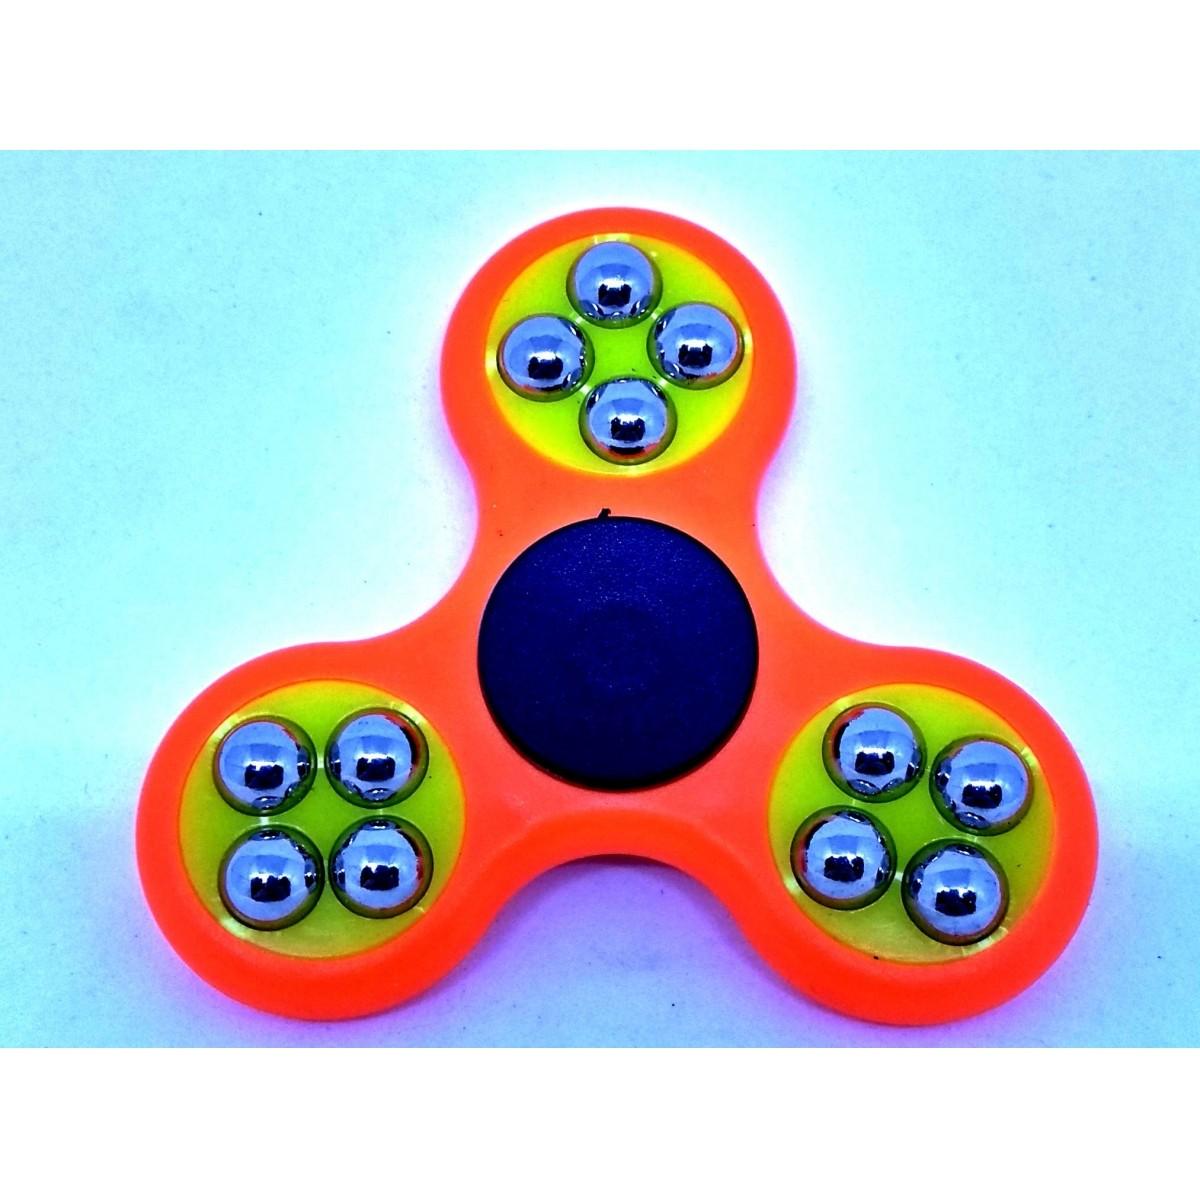 Hand Spinner com bolinhas Laranja e Amarelo - Rolamento Anti Estresse Fidget Hand Spinner